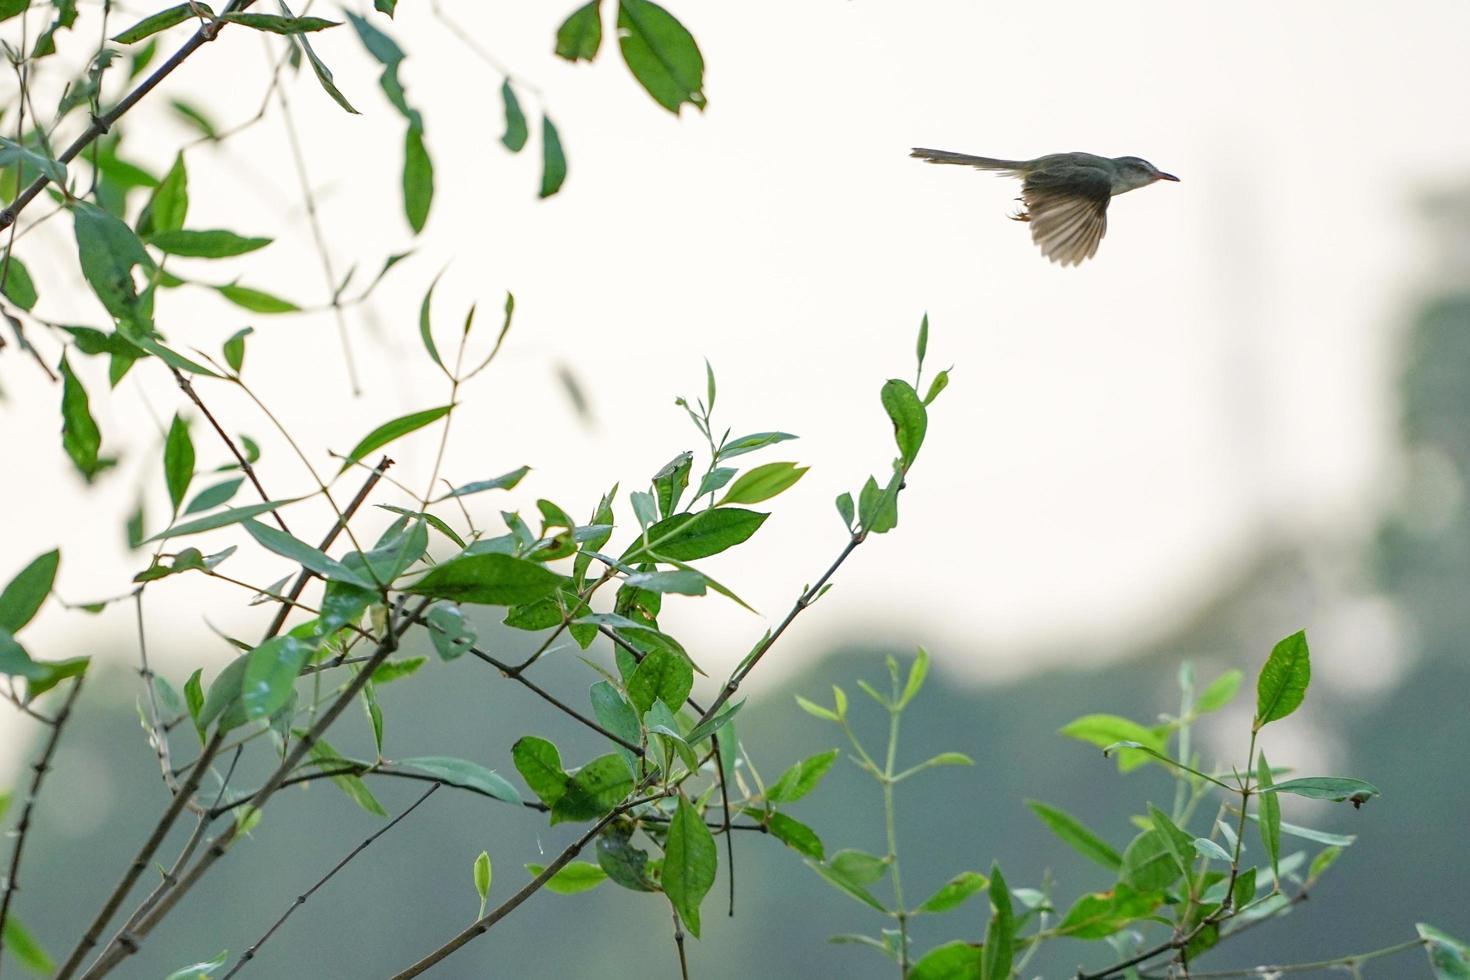 Movimiento borroso pajarito volando desde las ramas del árbol con fondo de cielo despejado foto